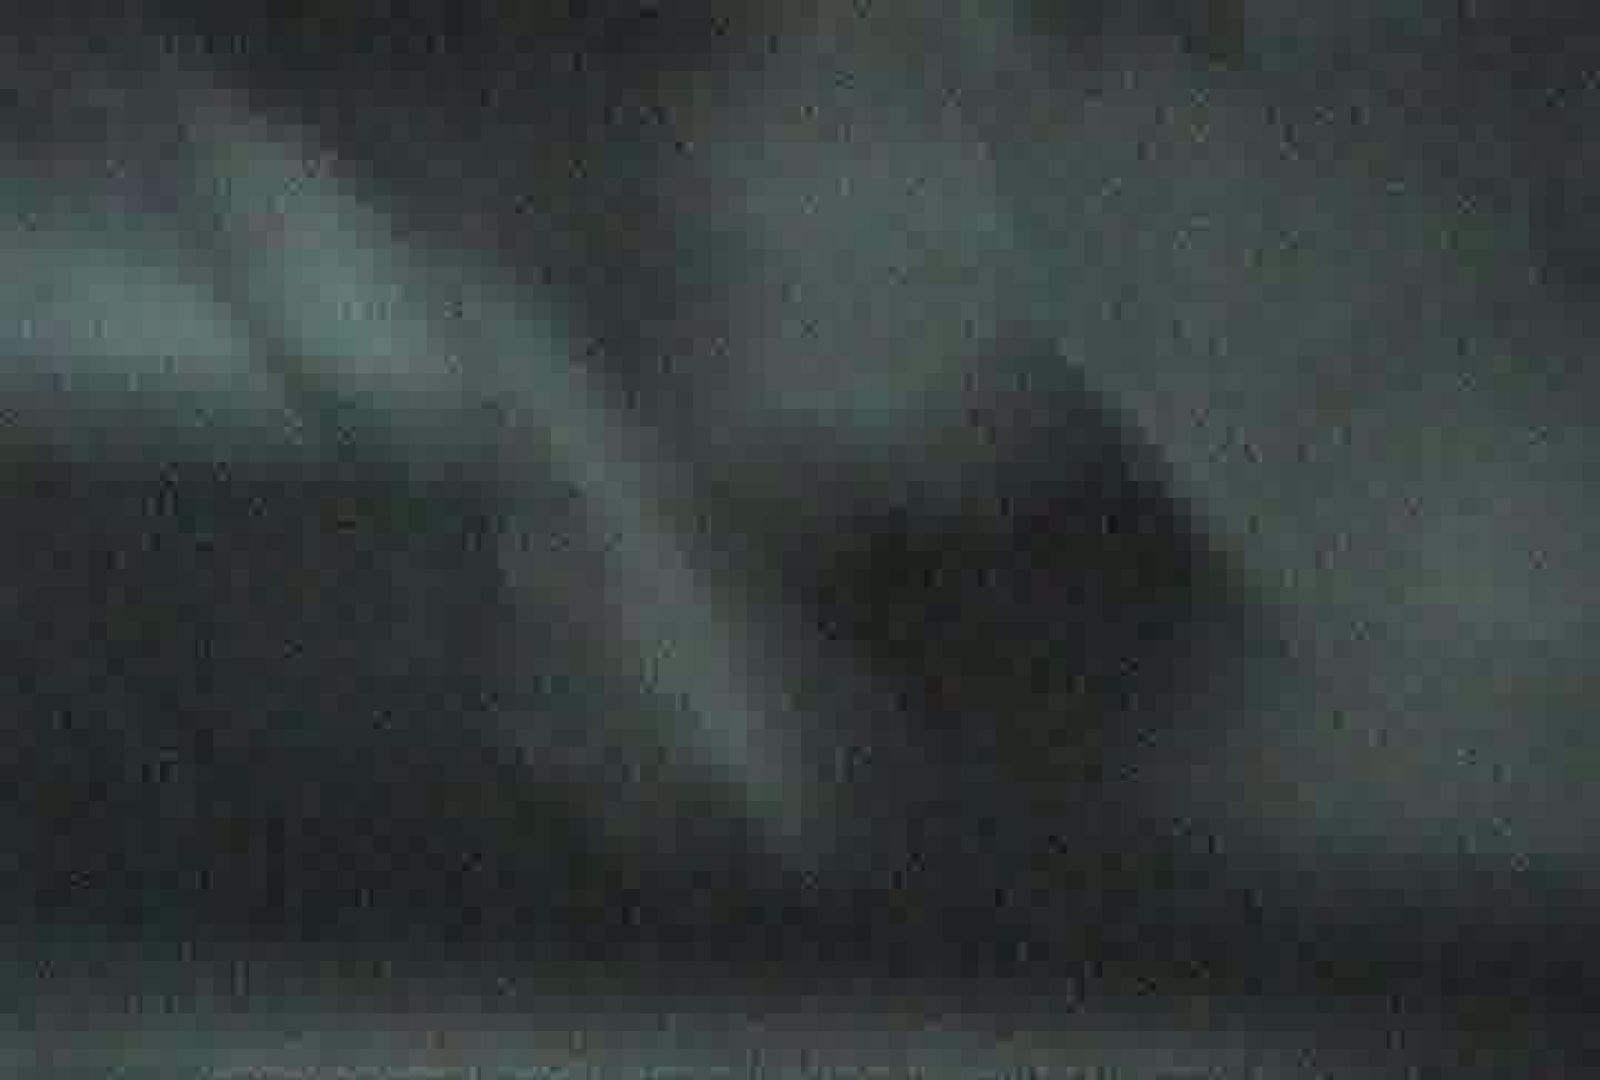 充血監督の深夜の運動会Vol.74 S級美女ギャル オマンコ動画キャプチャ 98画像 2